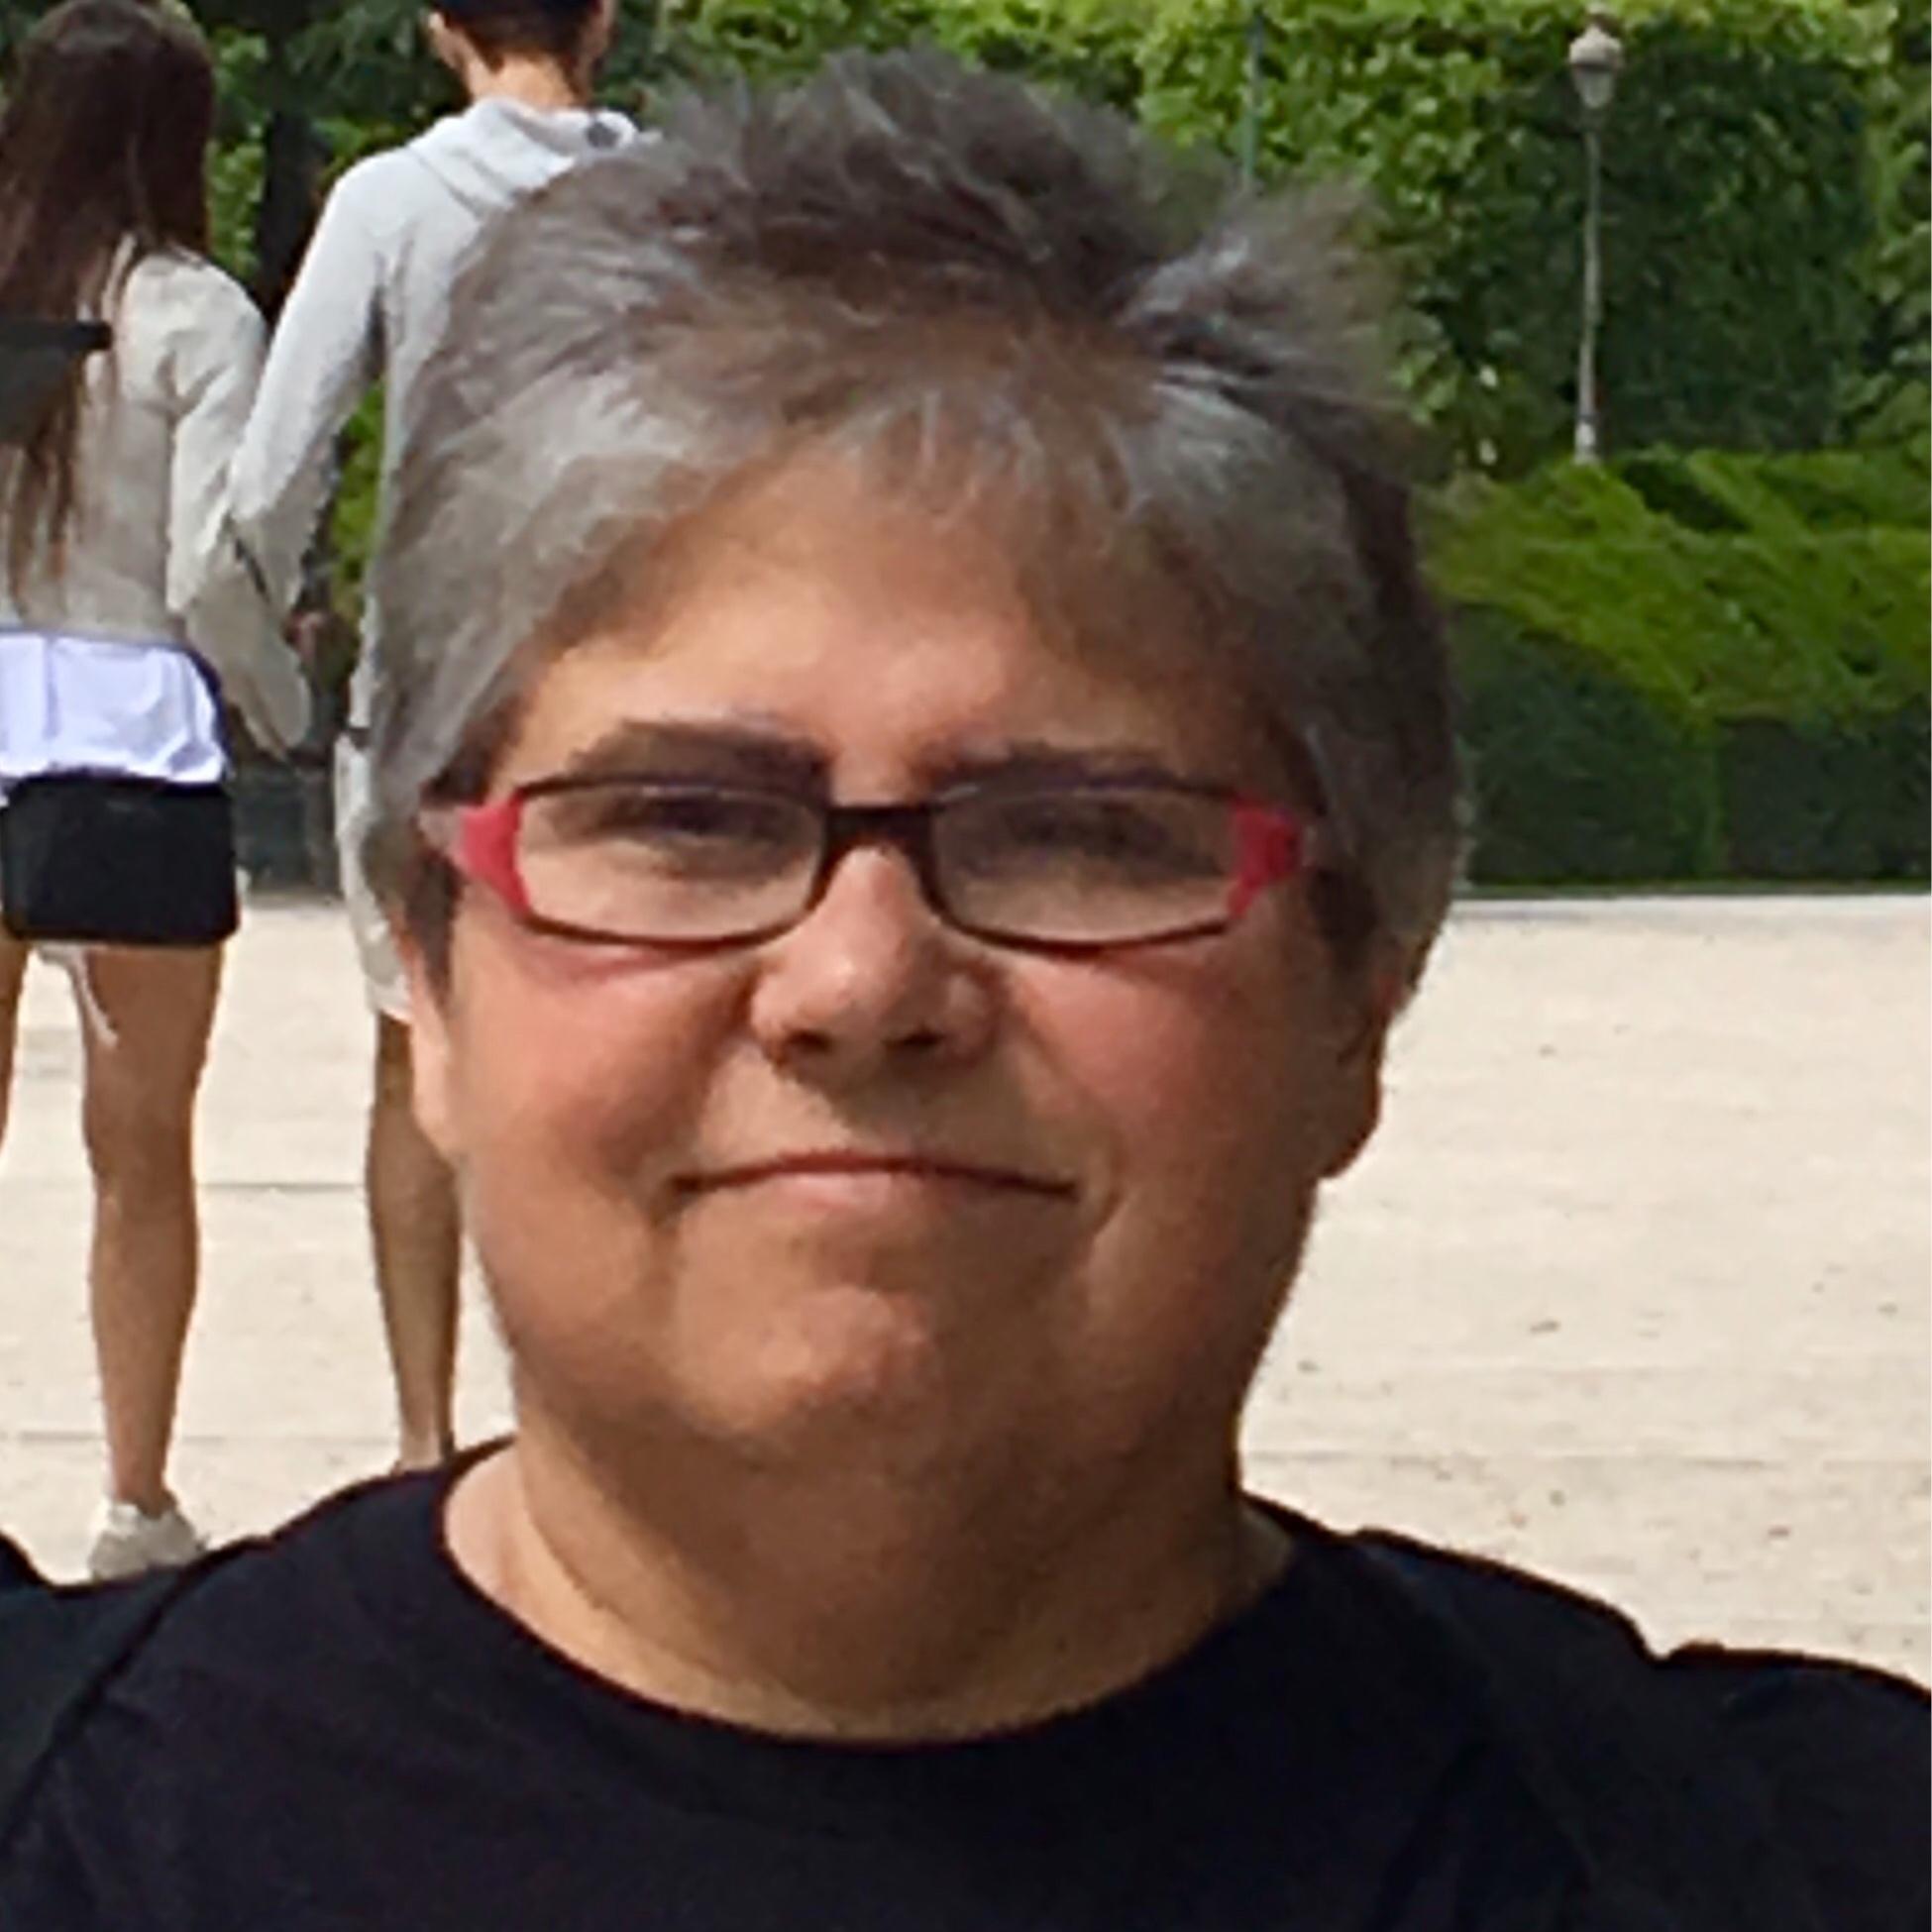 Élizabeth Diane Labelle - Élizabeth Diane Labelle cumule plus de 35 ans d'expérience dans le monde de l'éducation comme enseignante, consultante, administratrice et présentatrice. Elle milite pour les droits des personnes bi-spirituelles (Two-spirit) depuis les années 1976, et est fréquemment invitée comme conférencière et chercheure sur cette question.